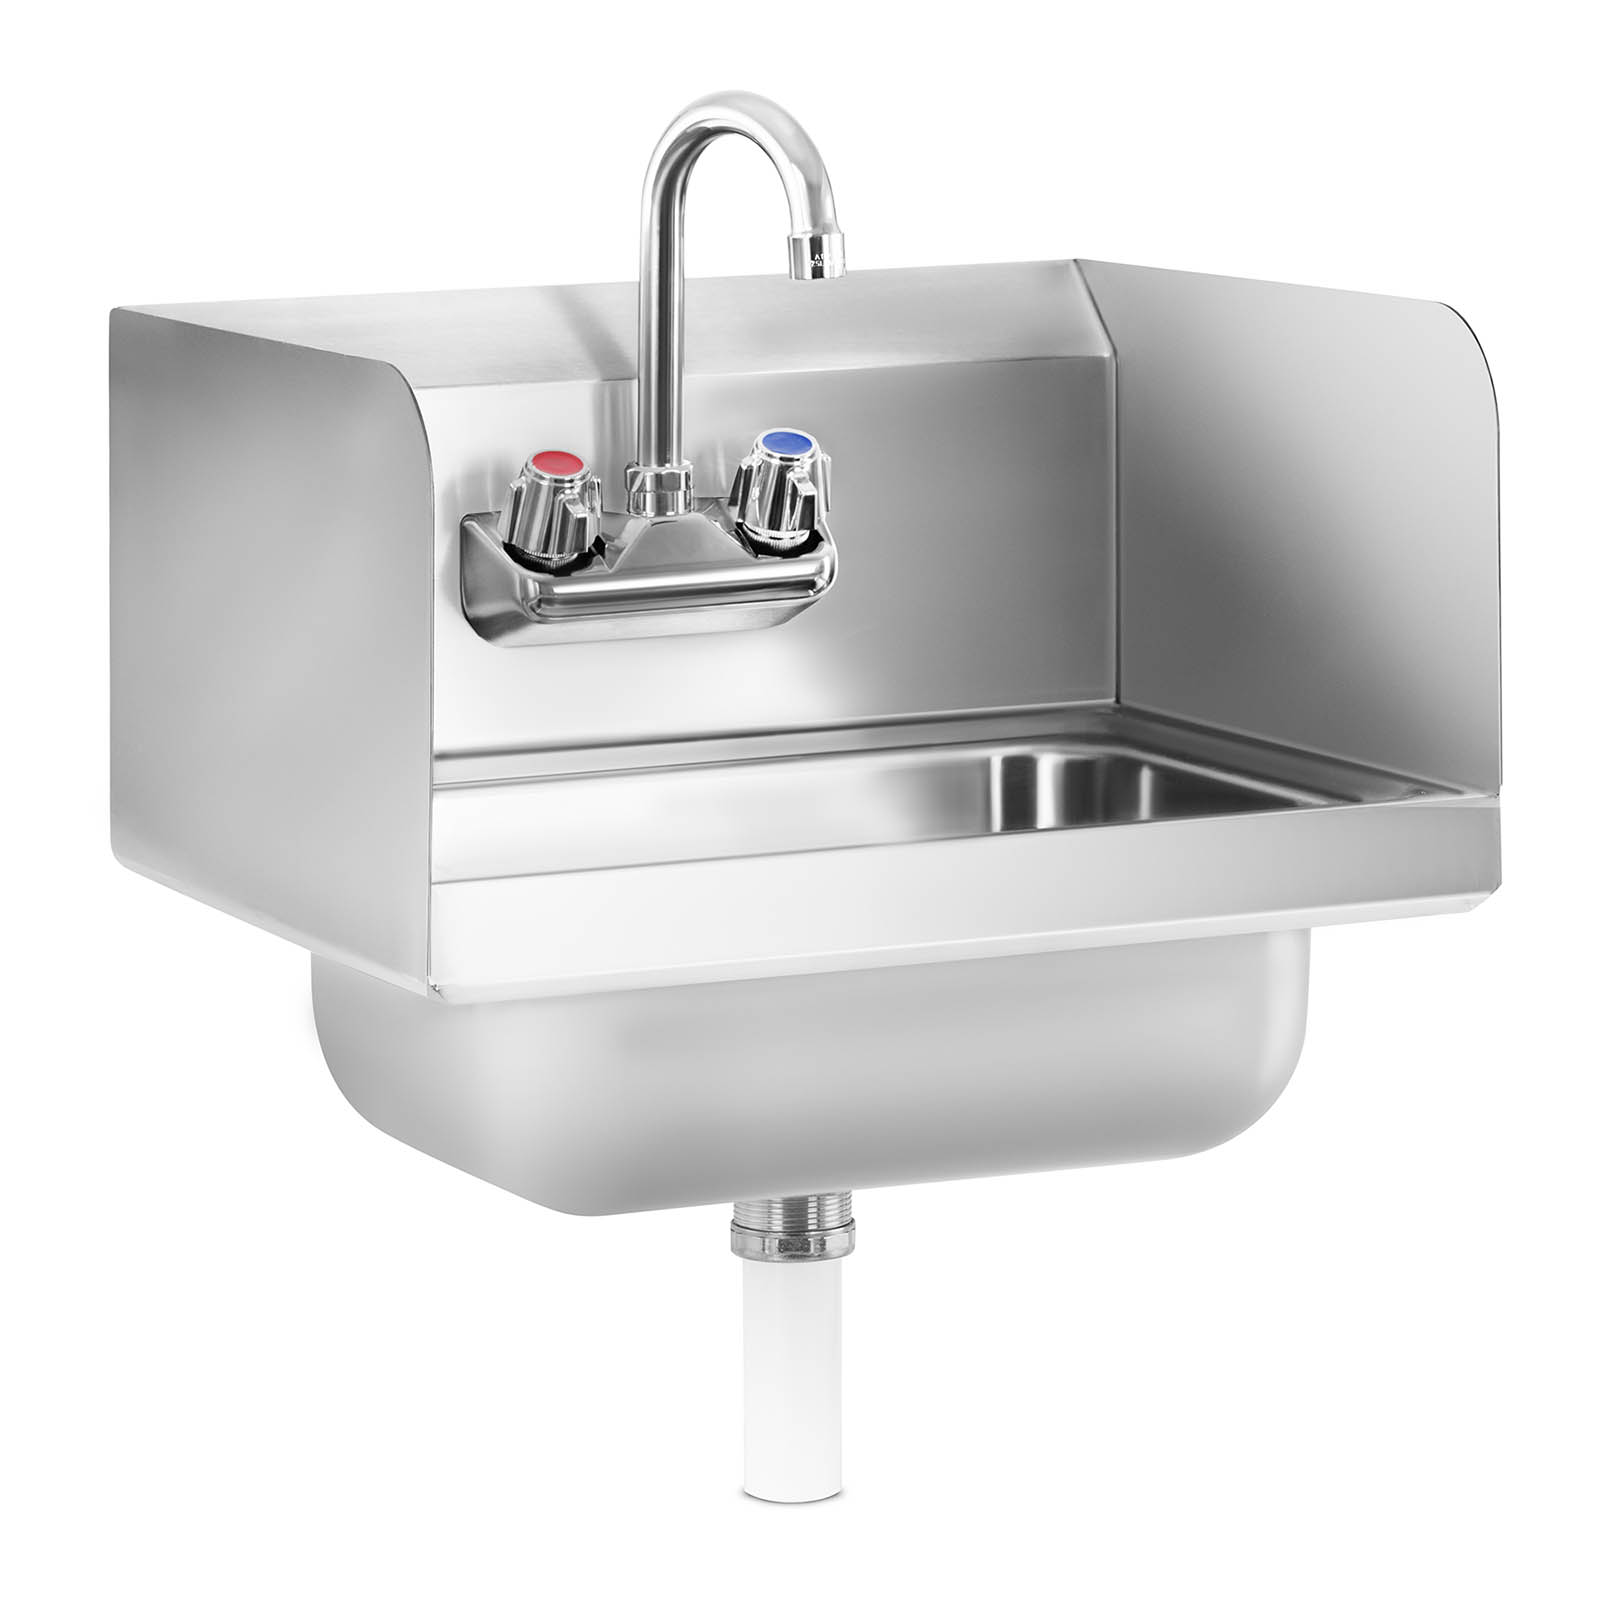 gastro handwaschbecken waschbecken edelstahl. Black Bedroom Furniture Sets. Home Design Ideas